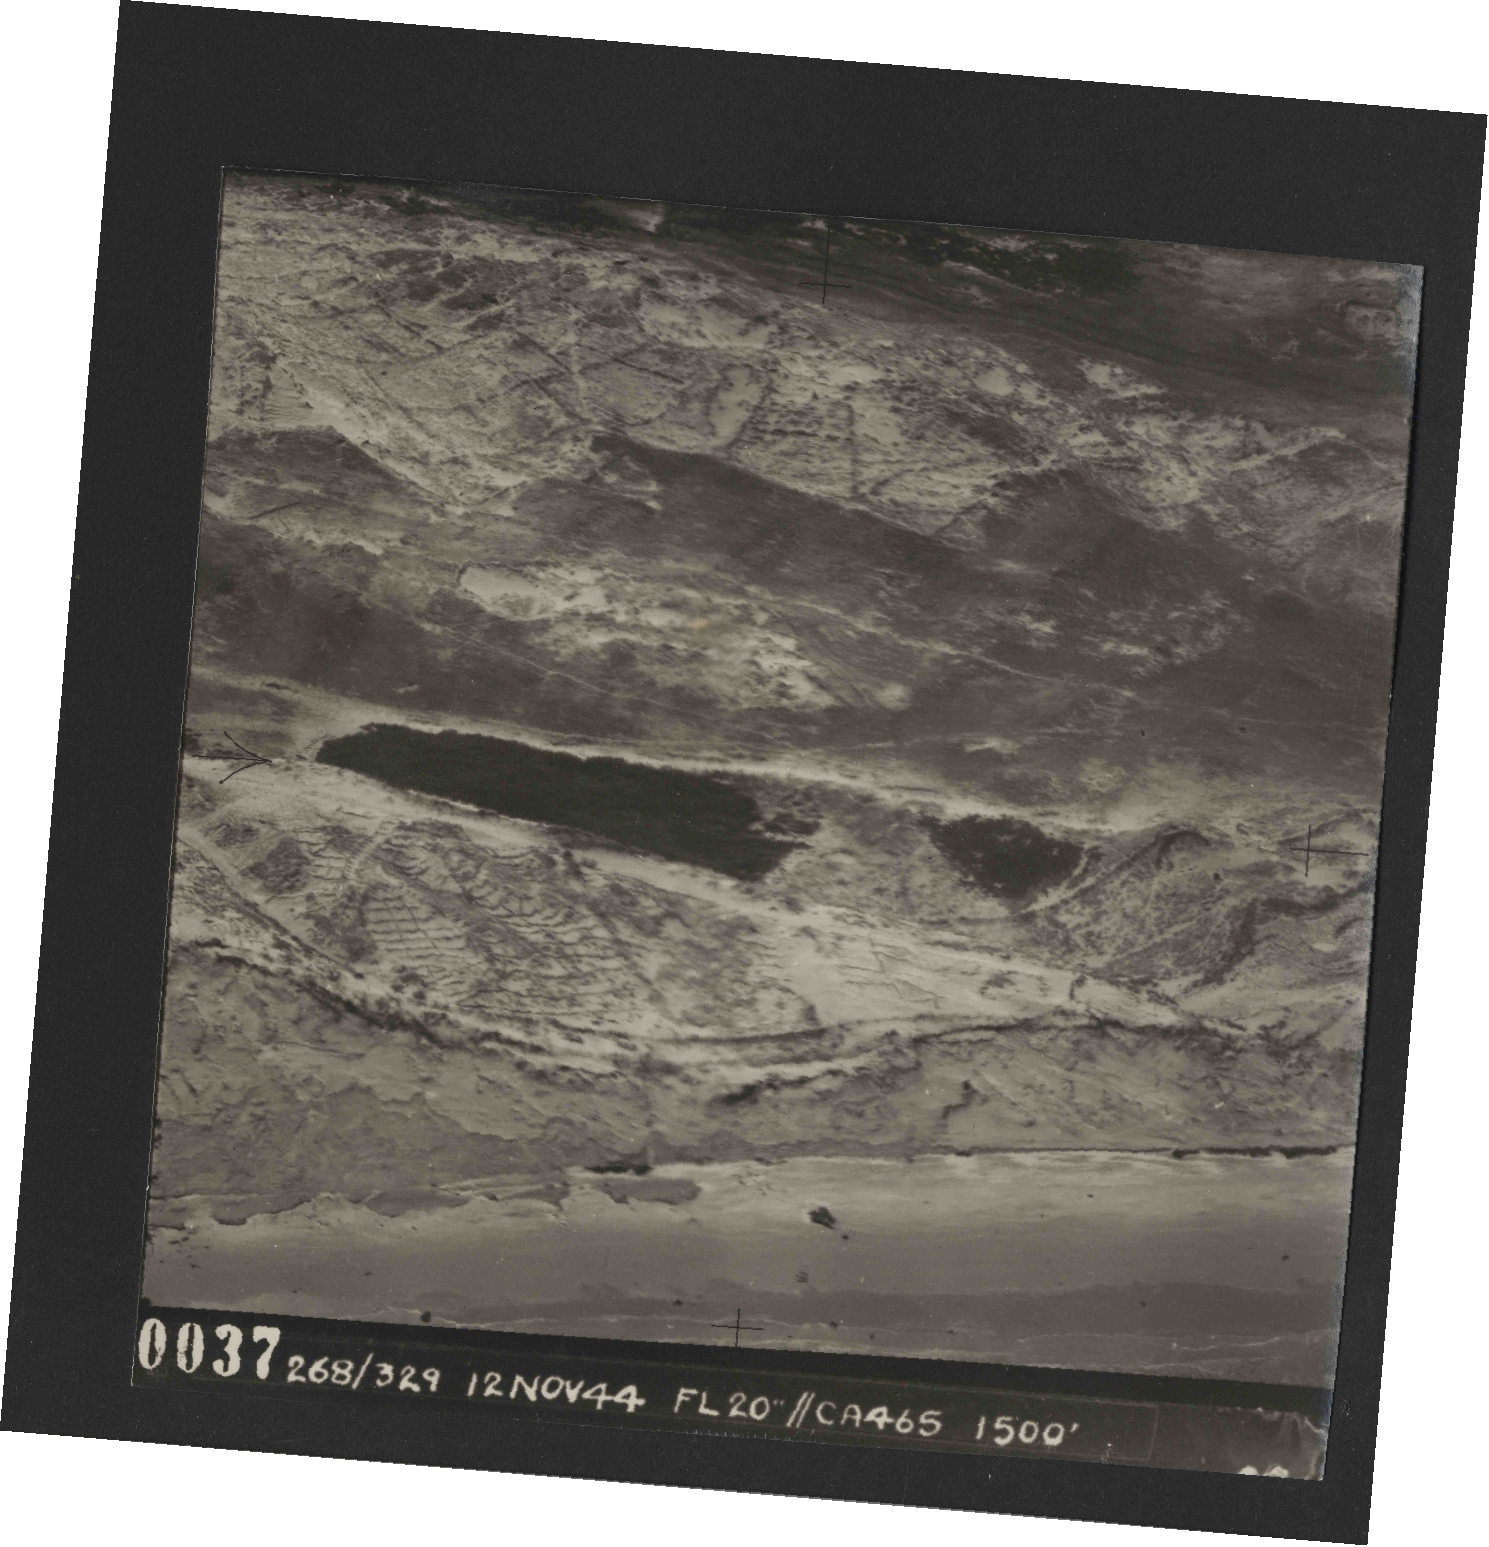 Collection RAF aerial photos 1940-1945 - flight 553, run 01, photo 0037